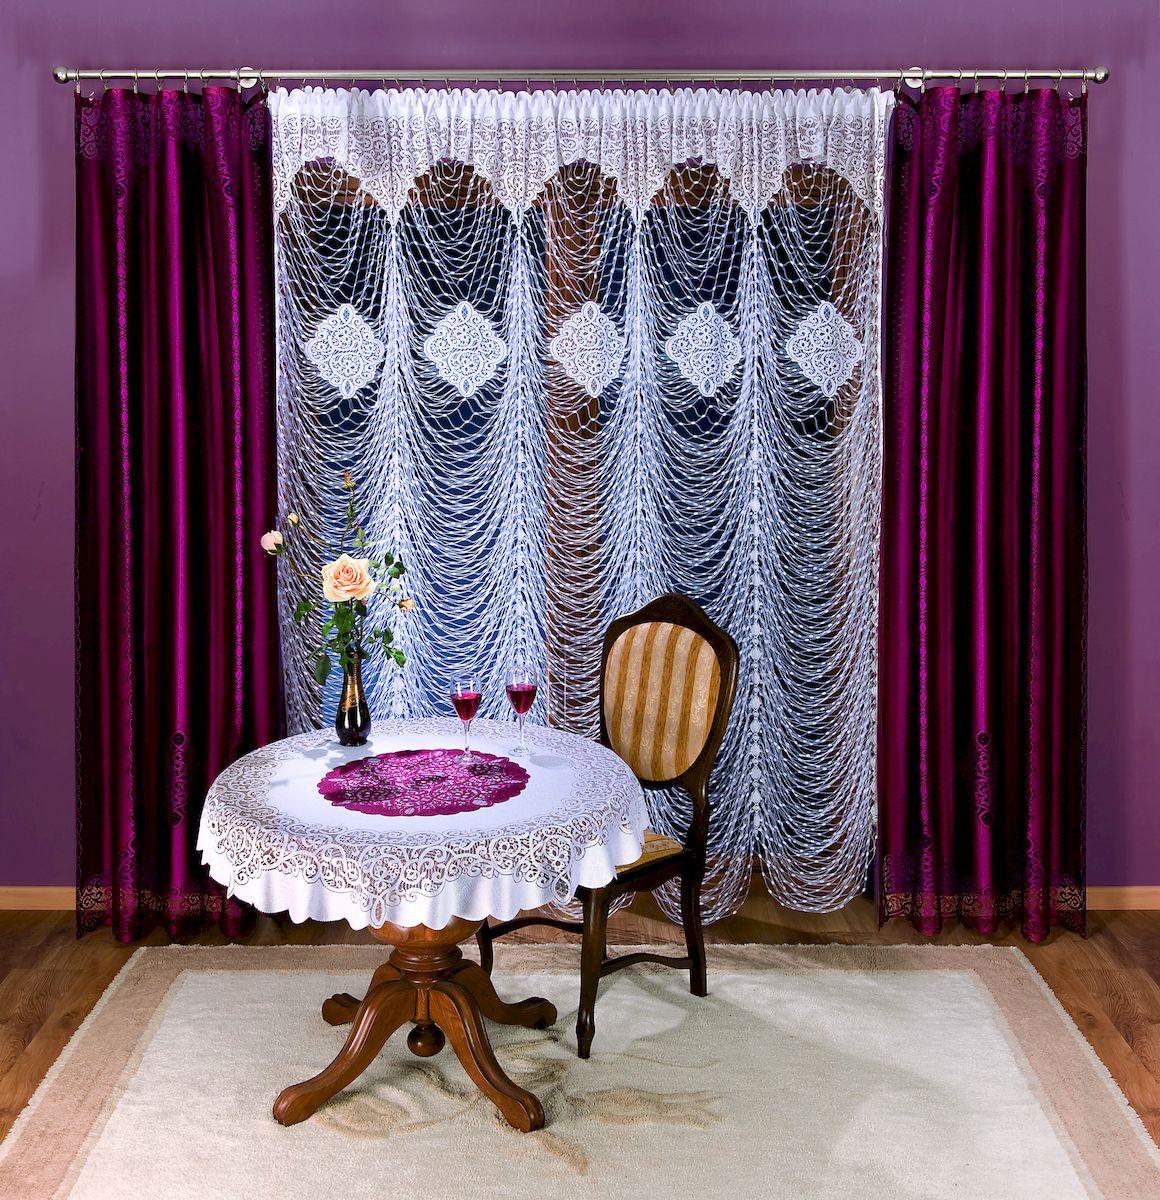 Гардина Wisan, цвет: белый, высота 250 см. 280A3111286615Гардина бордового цвета из ткани средней плотности с гипюровым элементом.Размер: ширина 150 х высота 250